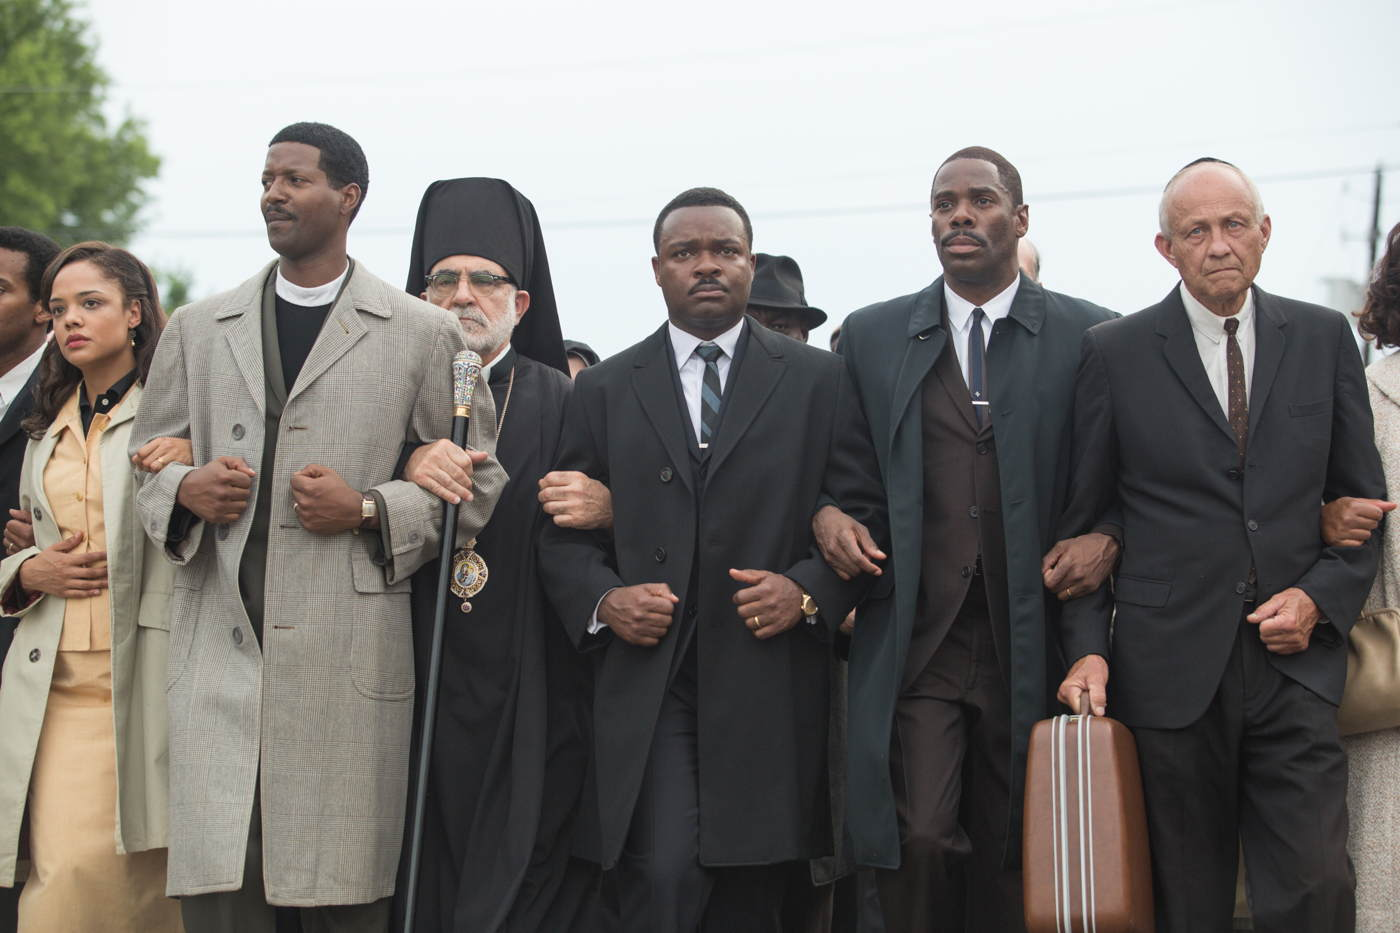 Selma , Fall 2014 members-only screening